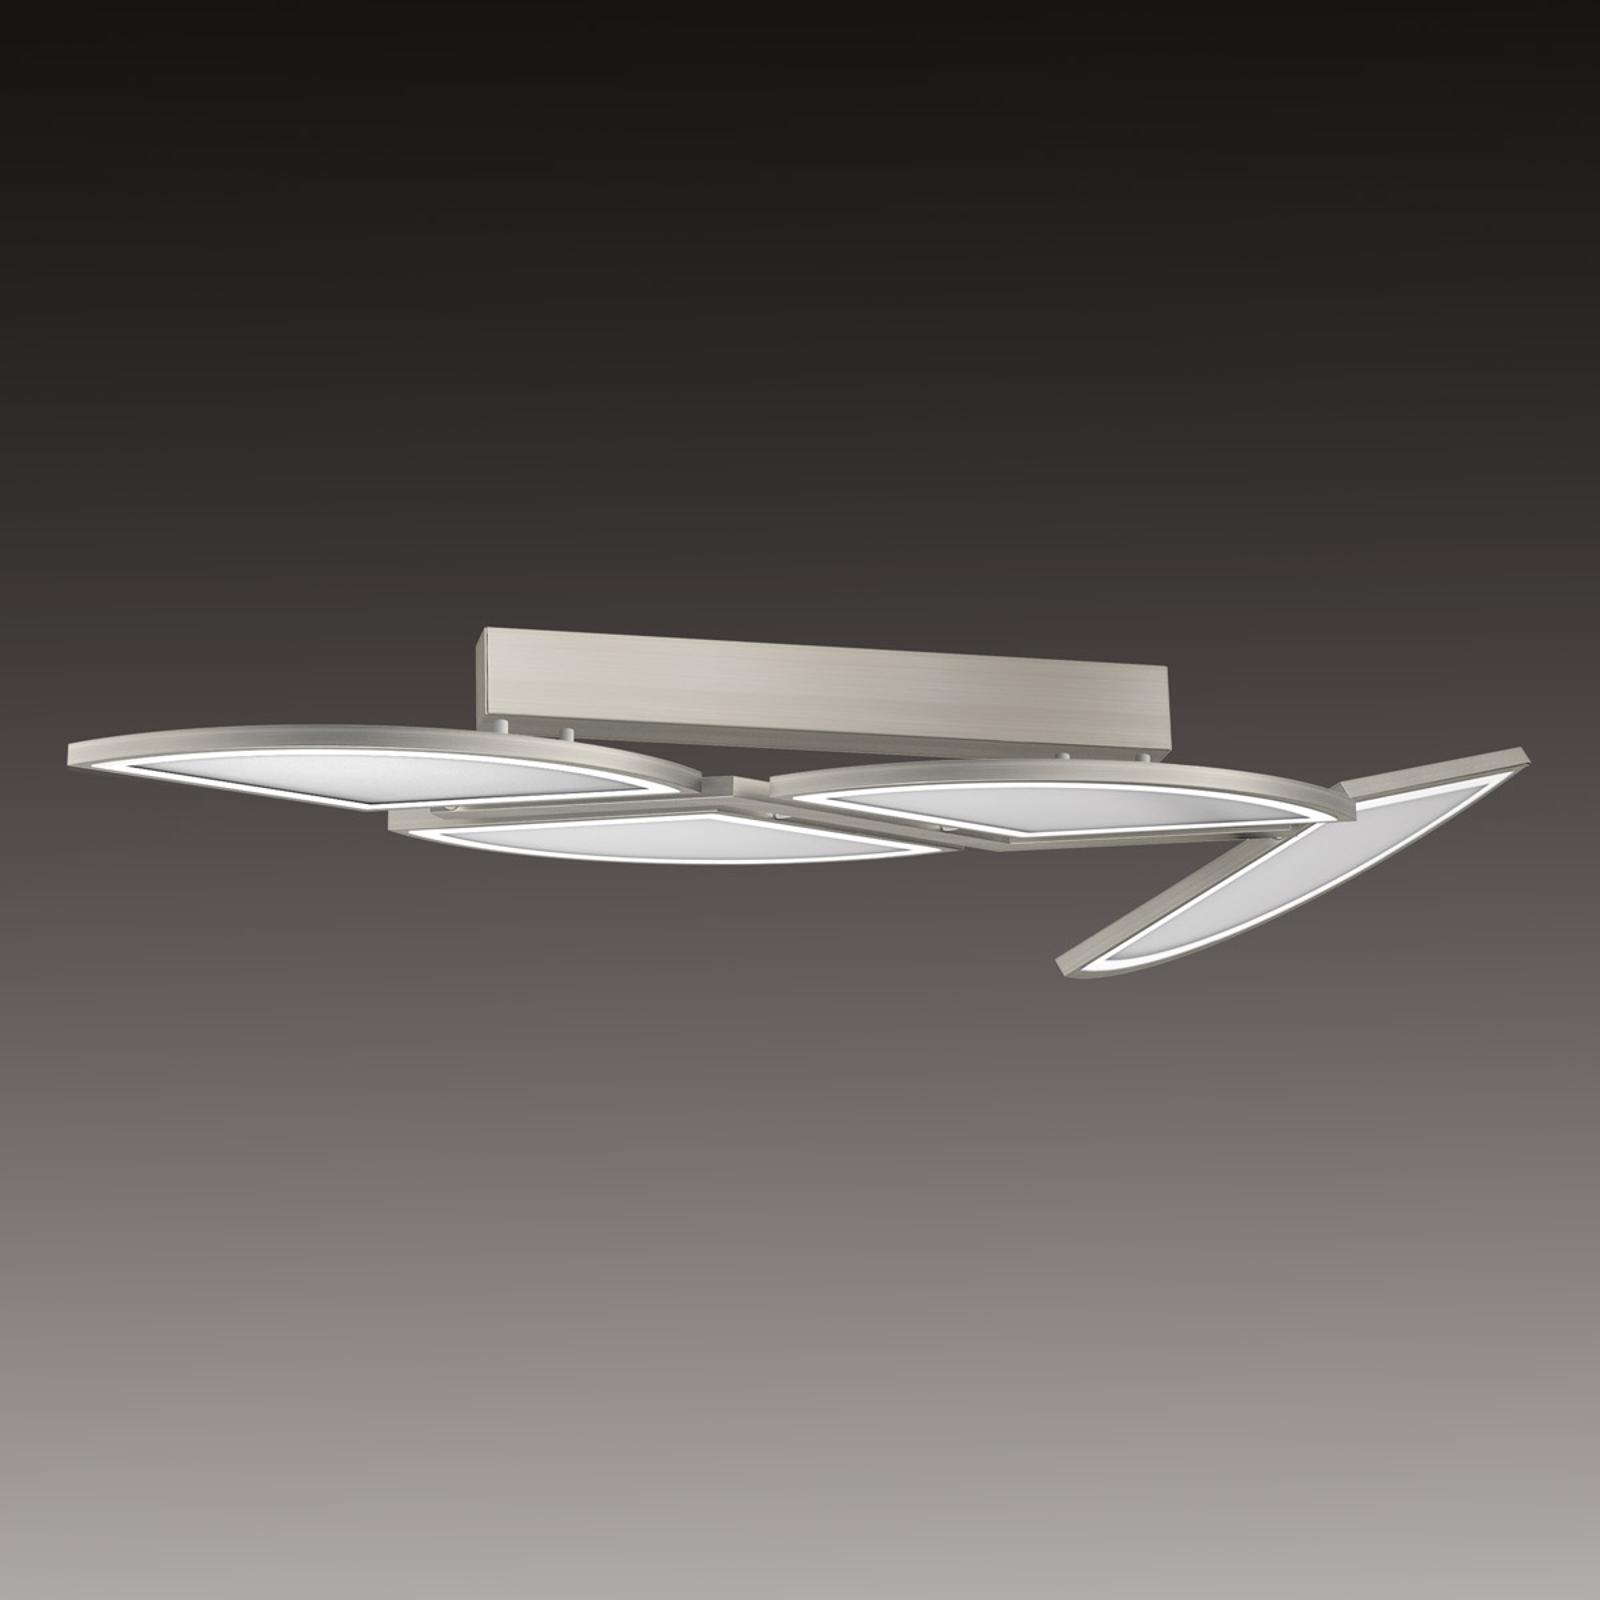 Movil - LED-taklampe med 4 lyssegmenter